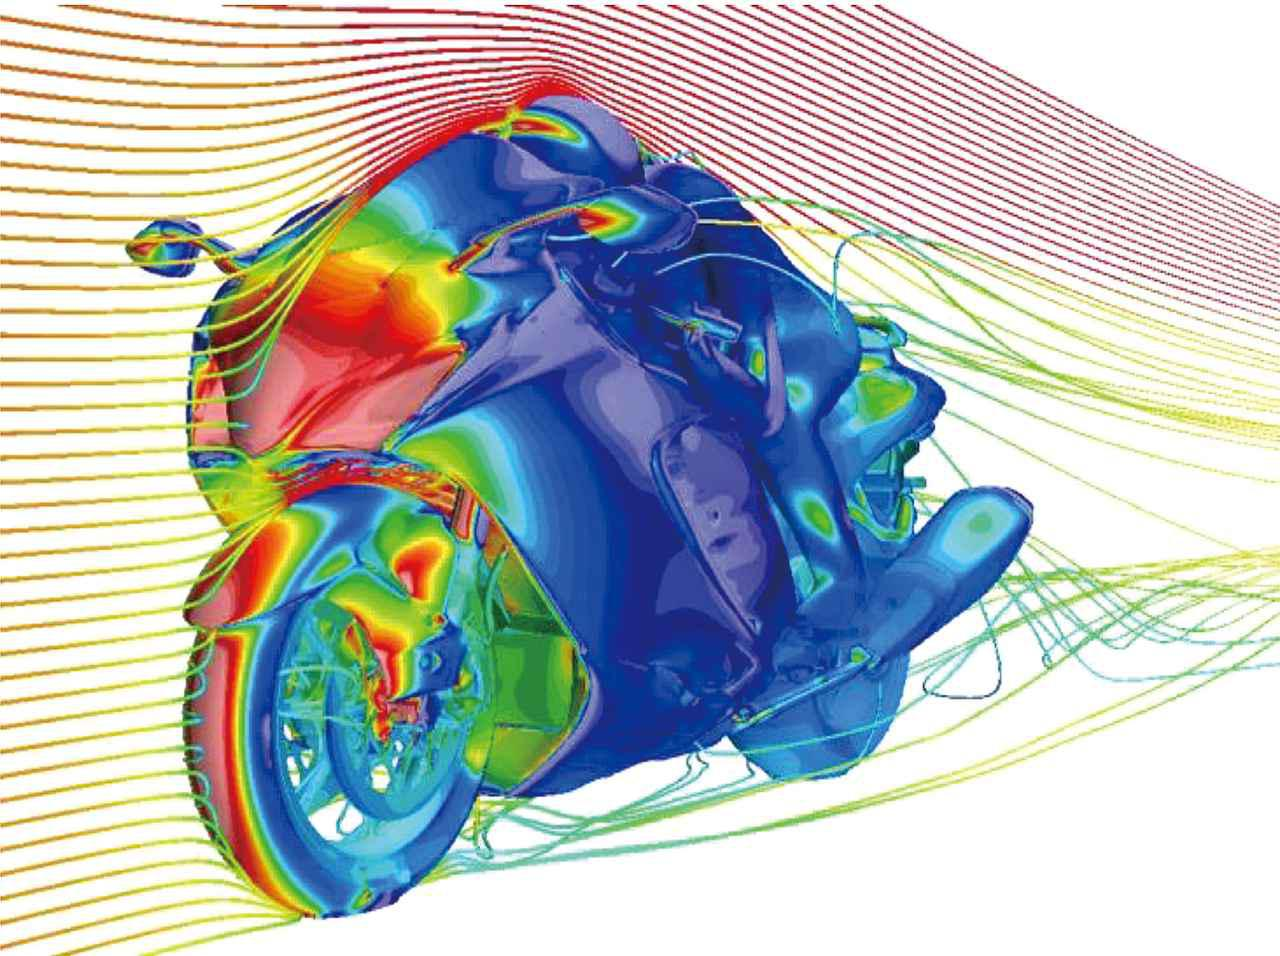 【隼】スズキ新型「ハヤブサ」の各部装備と空力性能・スタイリングを解説! 度重なる風洞実験により生まれたエアロフォルム